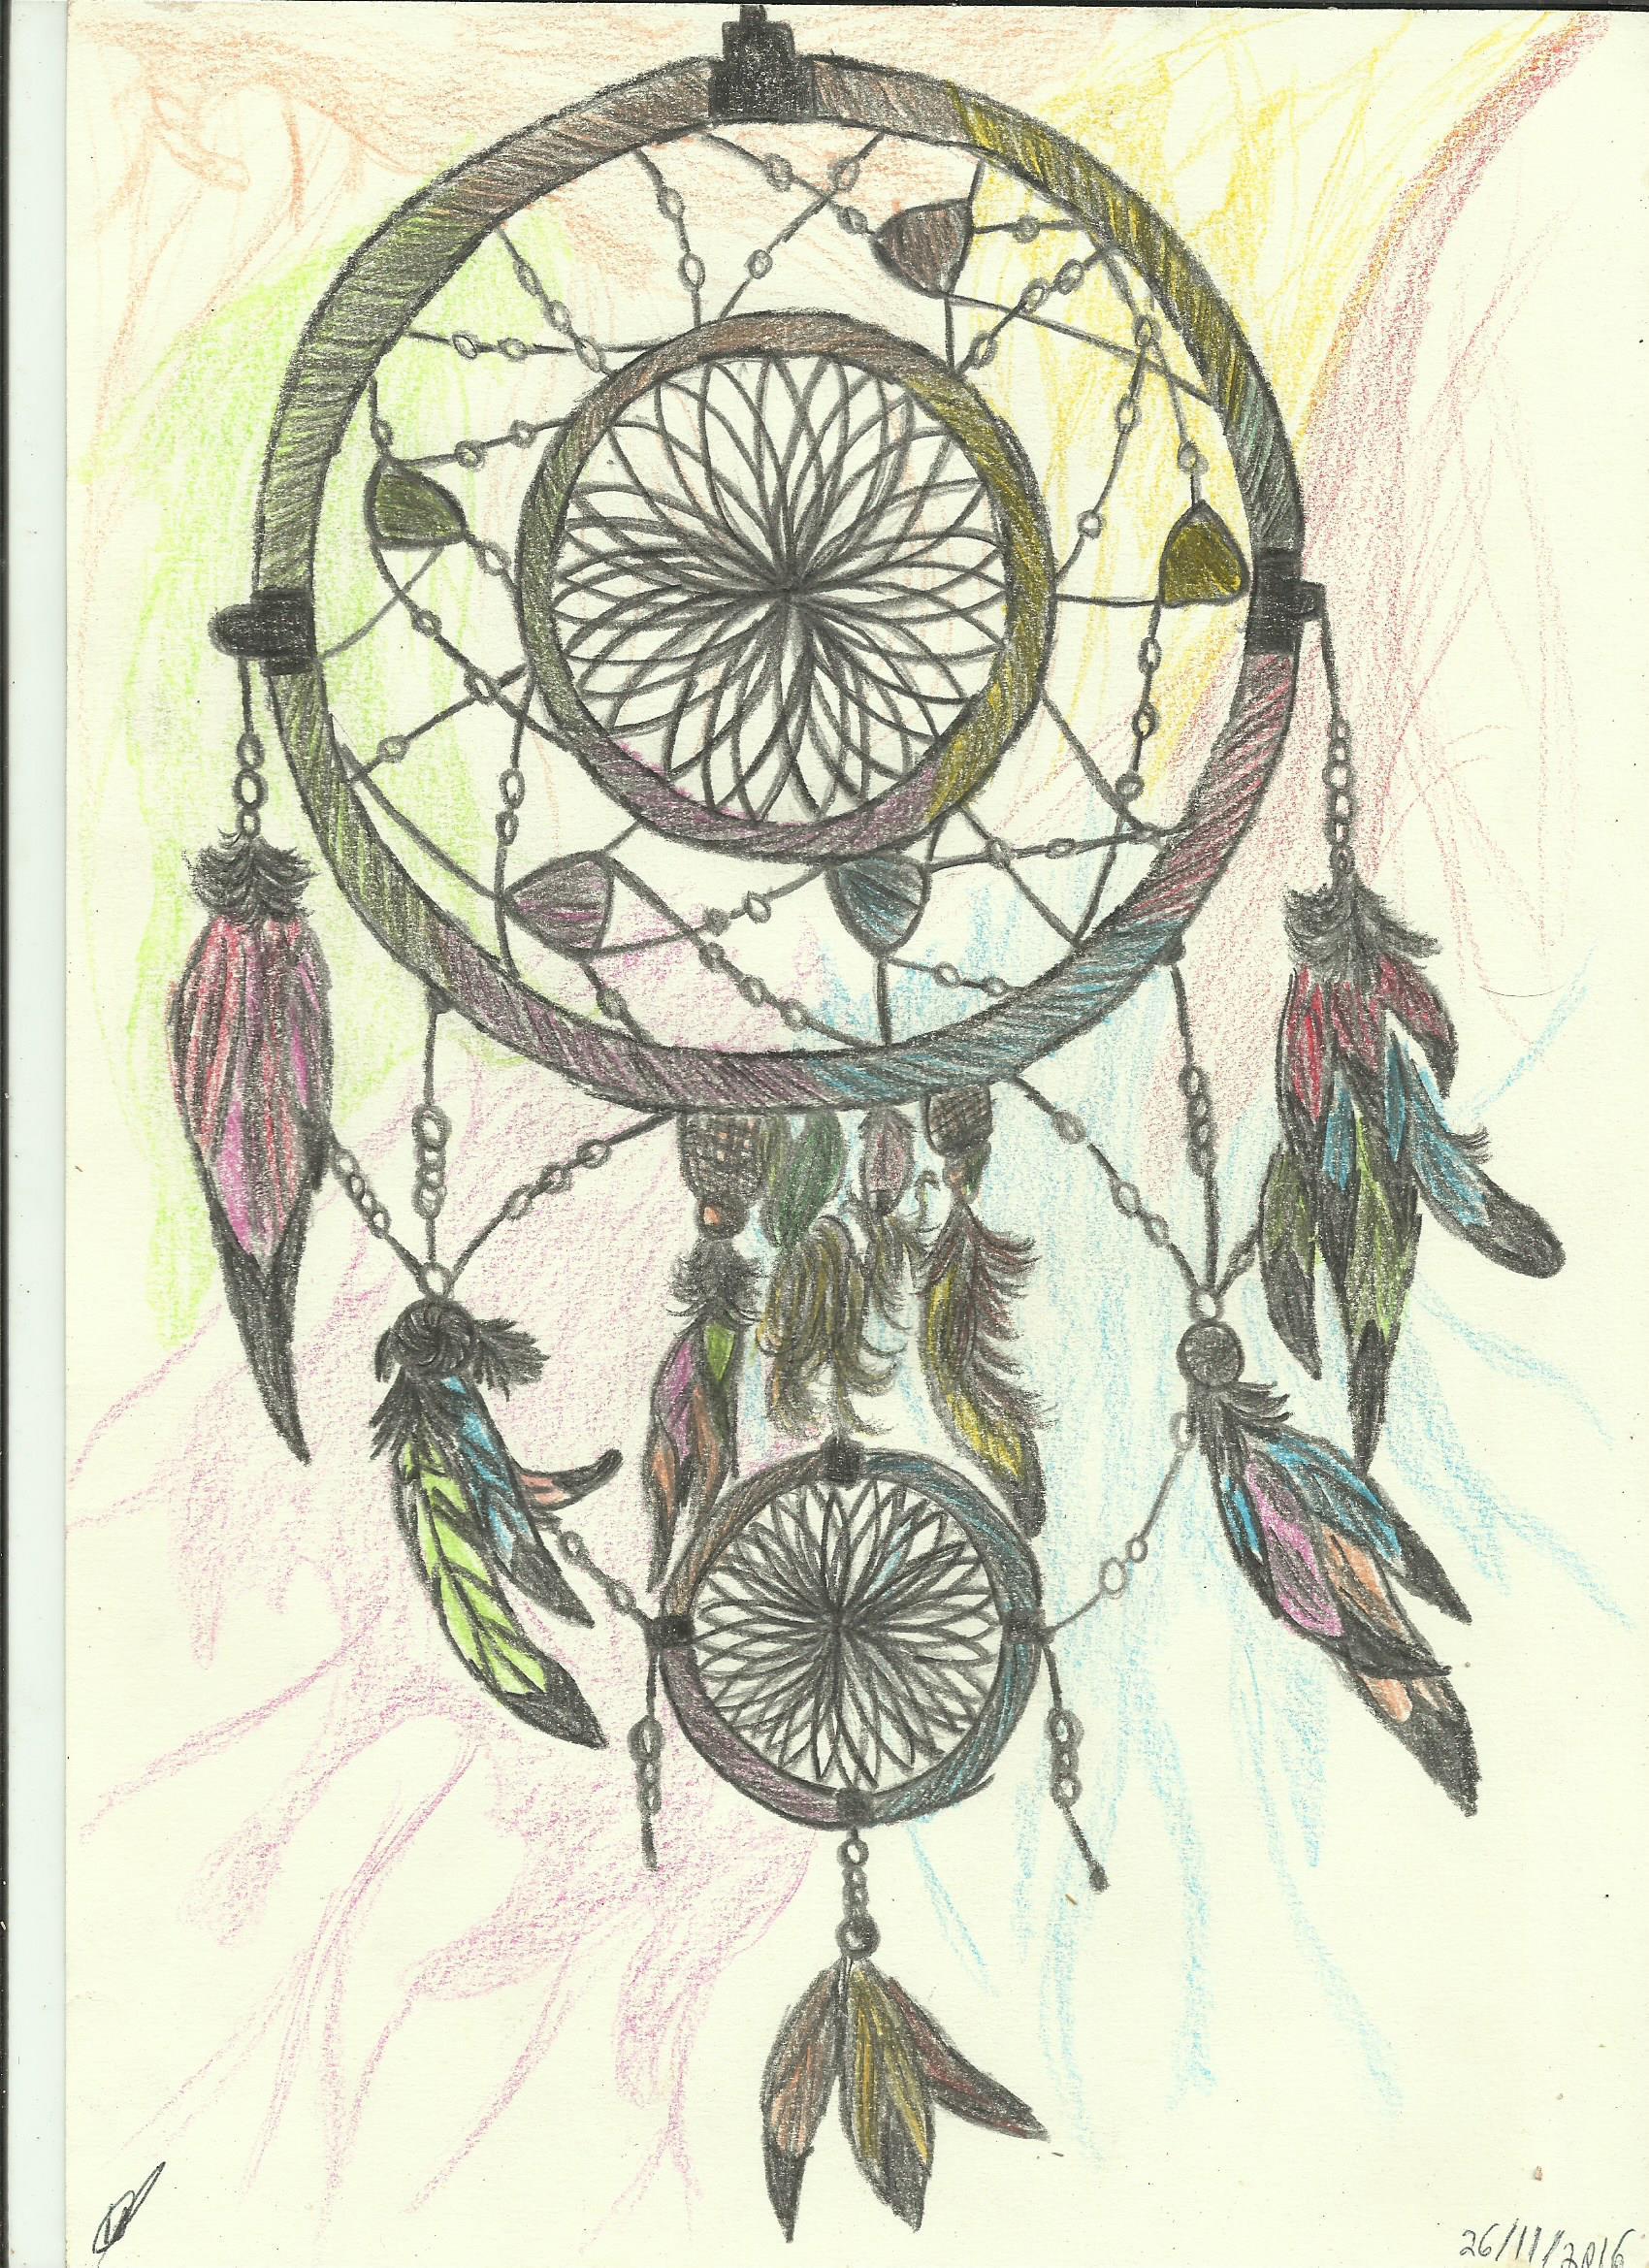 Desenho Filtro Dos Sonhos No Elo7 Kayo Eduardo Crecencio Da